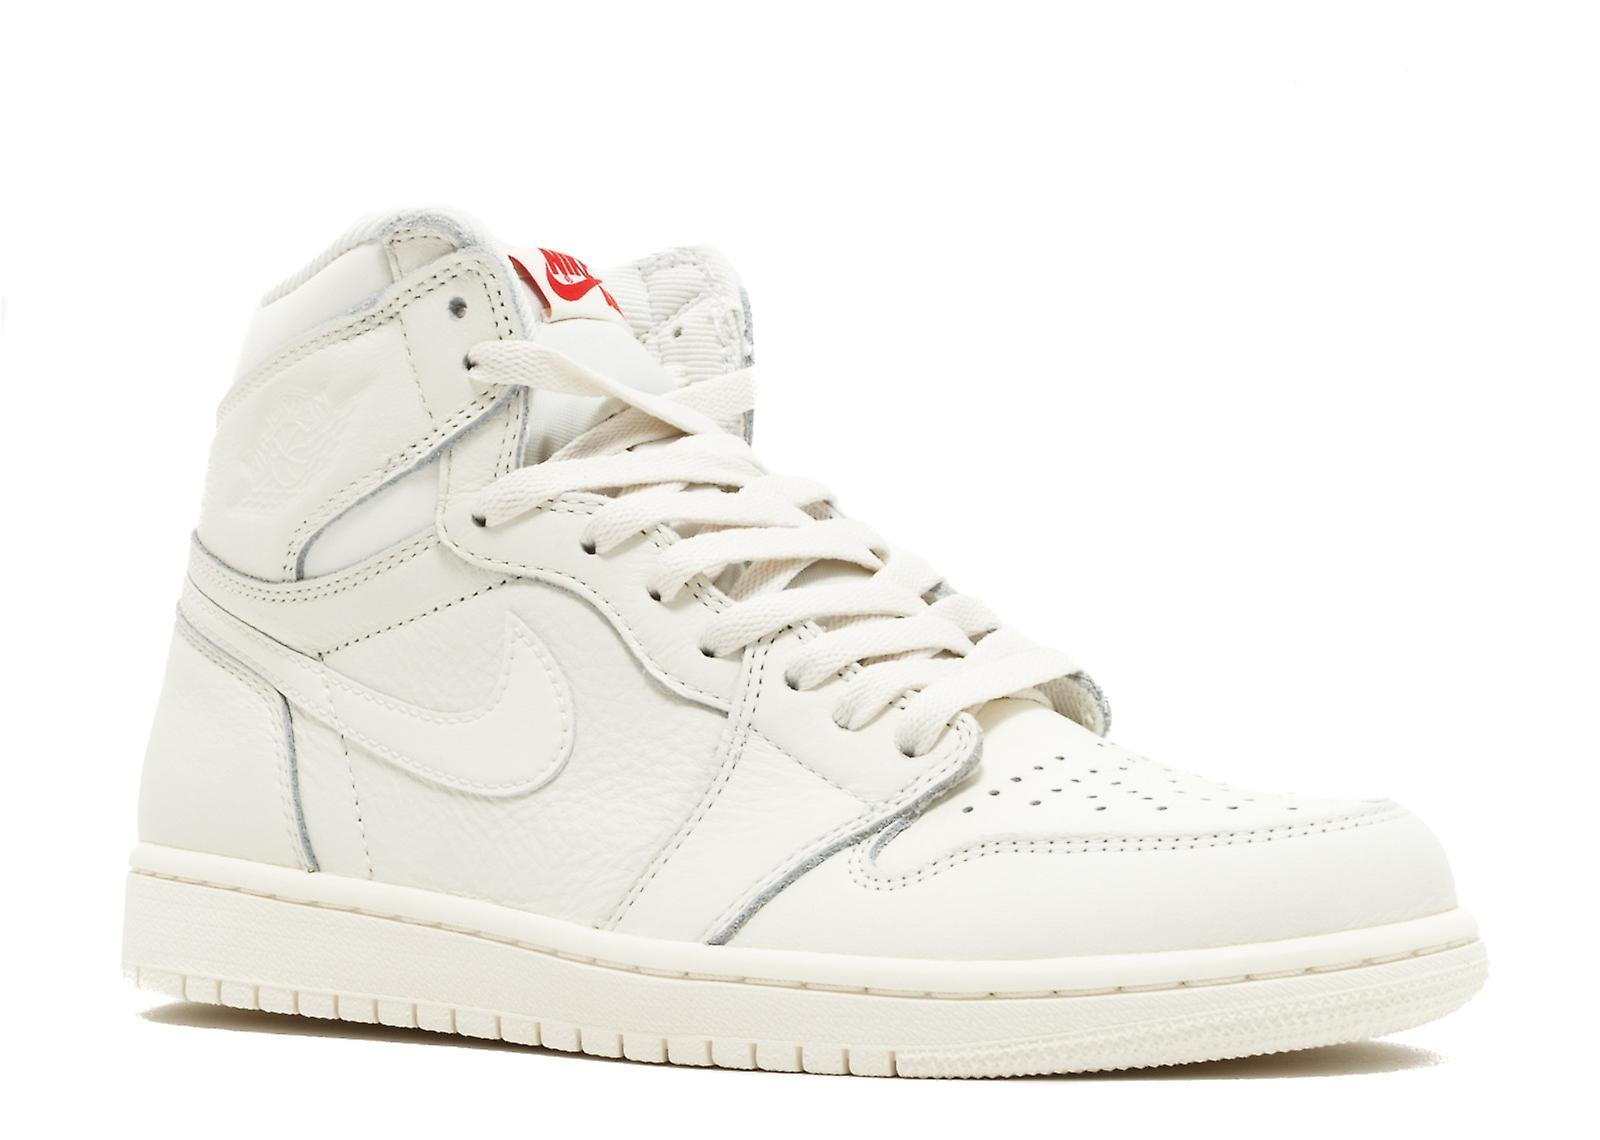 Air Jordan 1 Retro høy Og